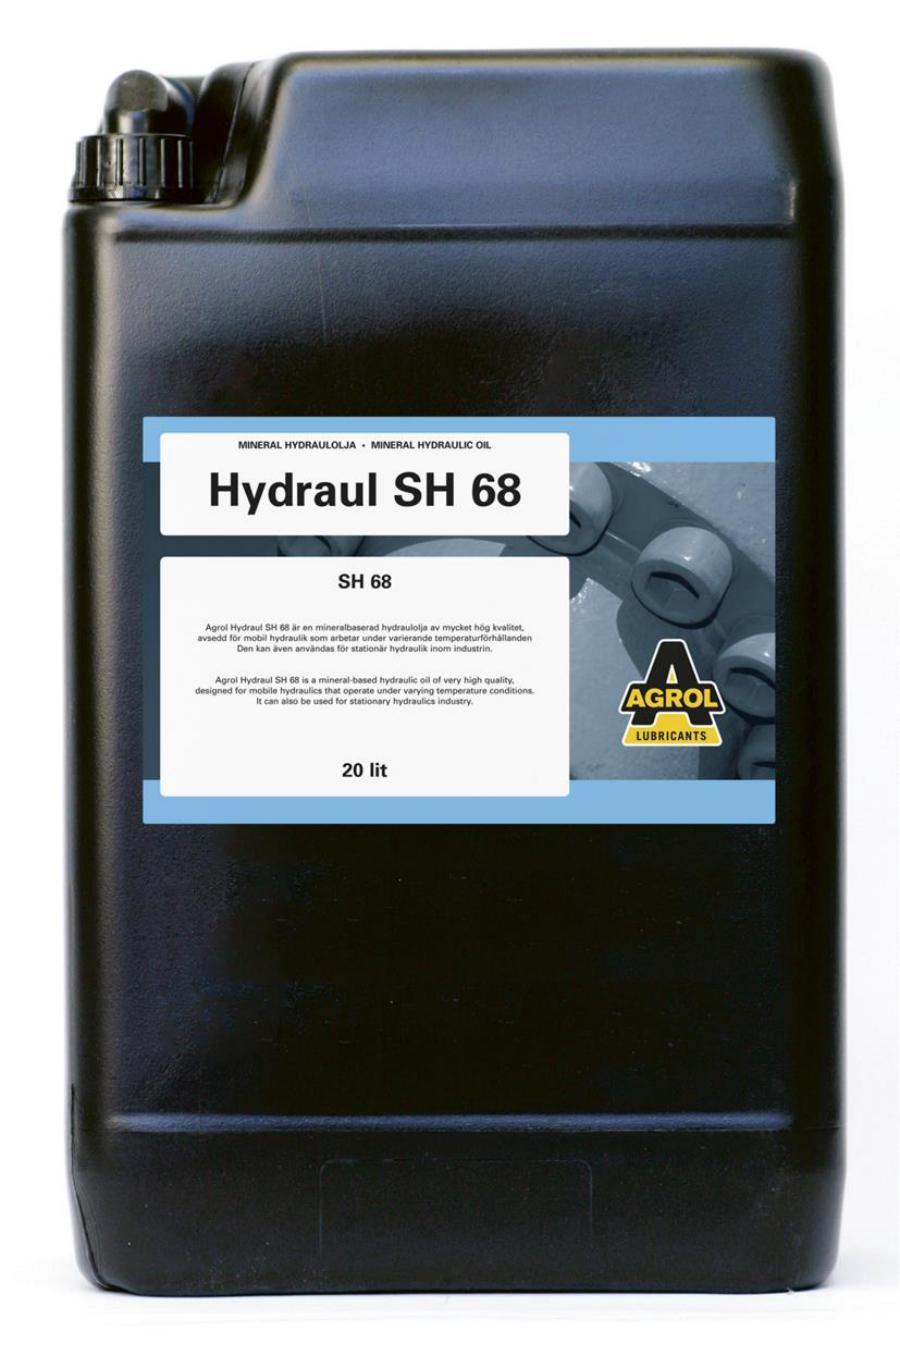 Hydraul SH 68